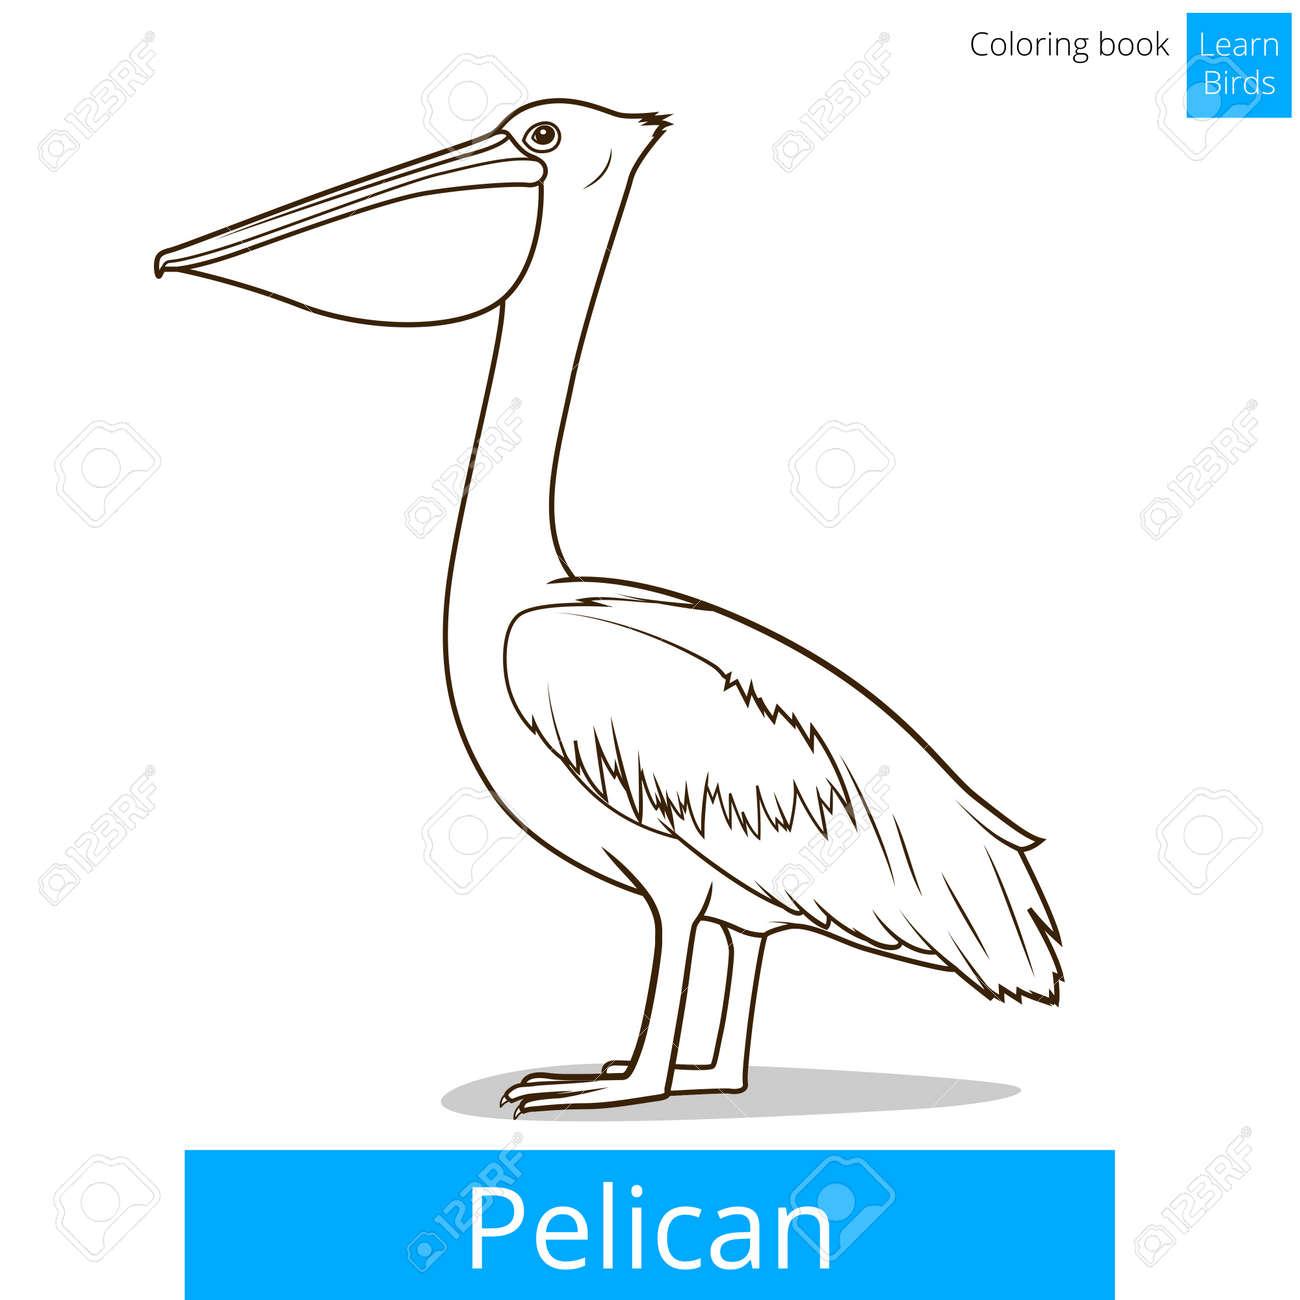 Pelican Bird Learn Birds Educational Game Coloring Book Vector ...